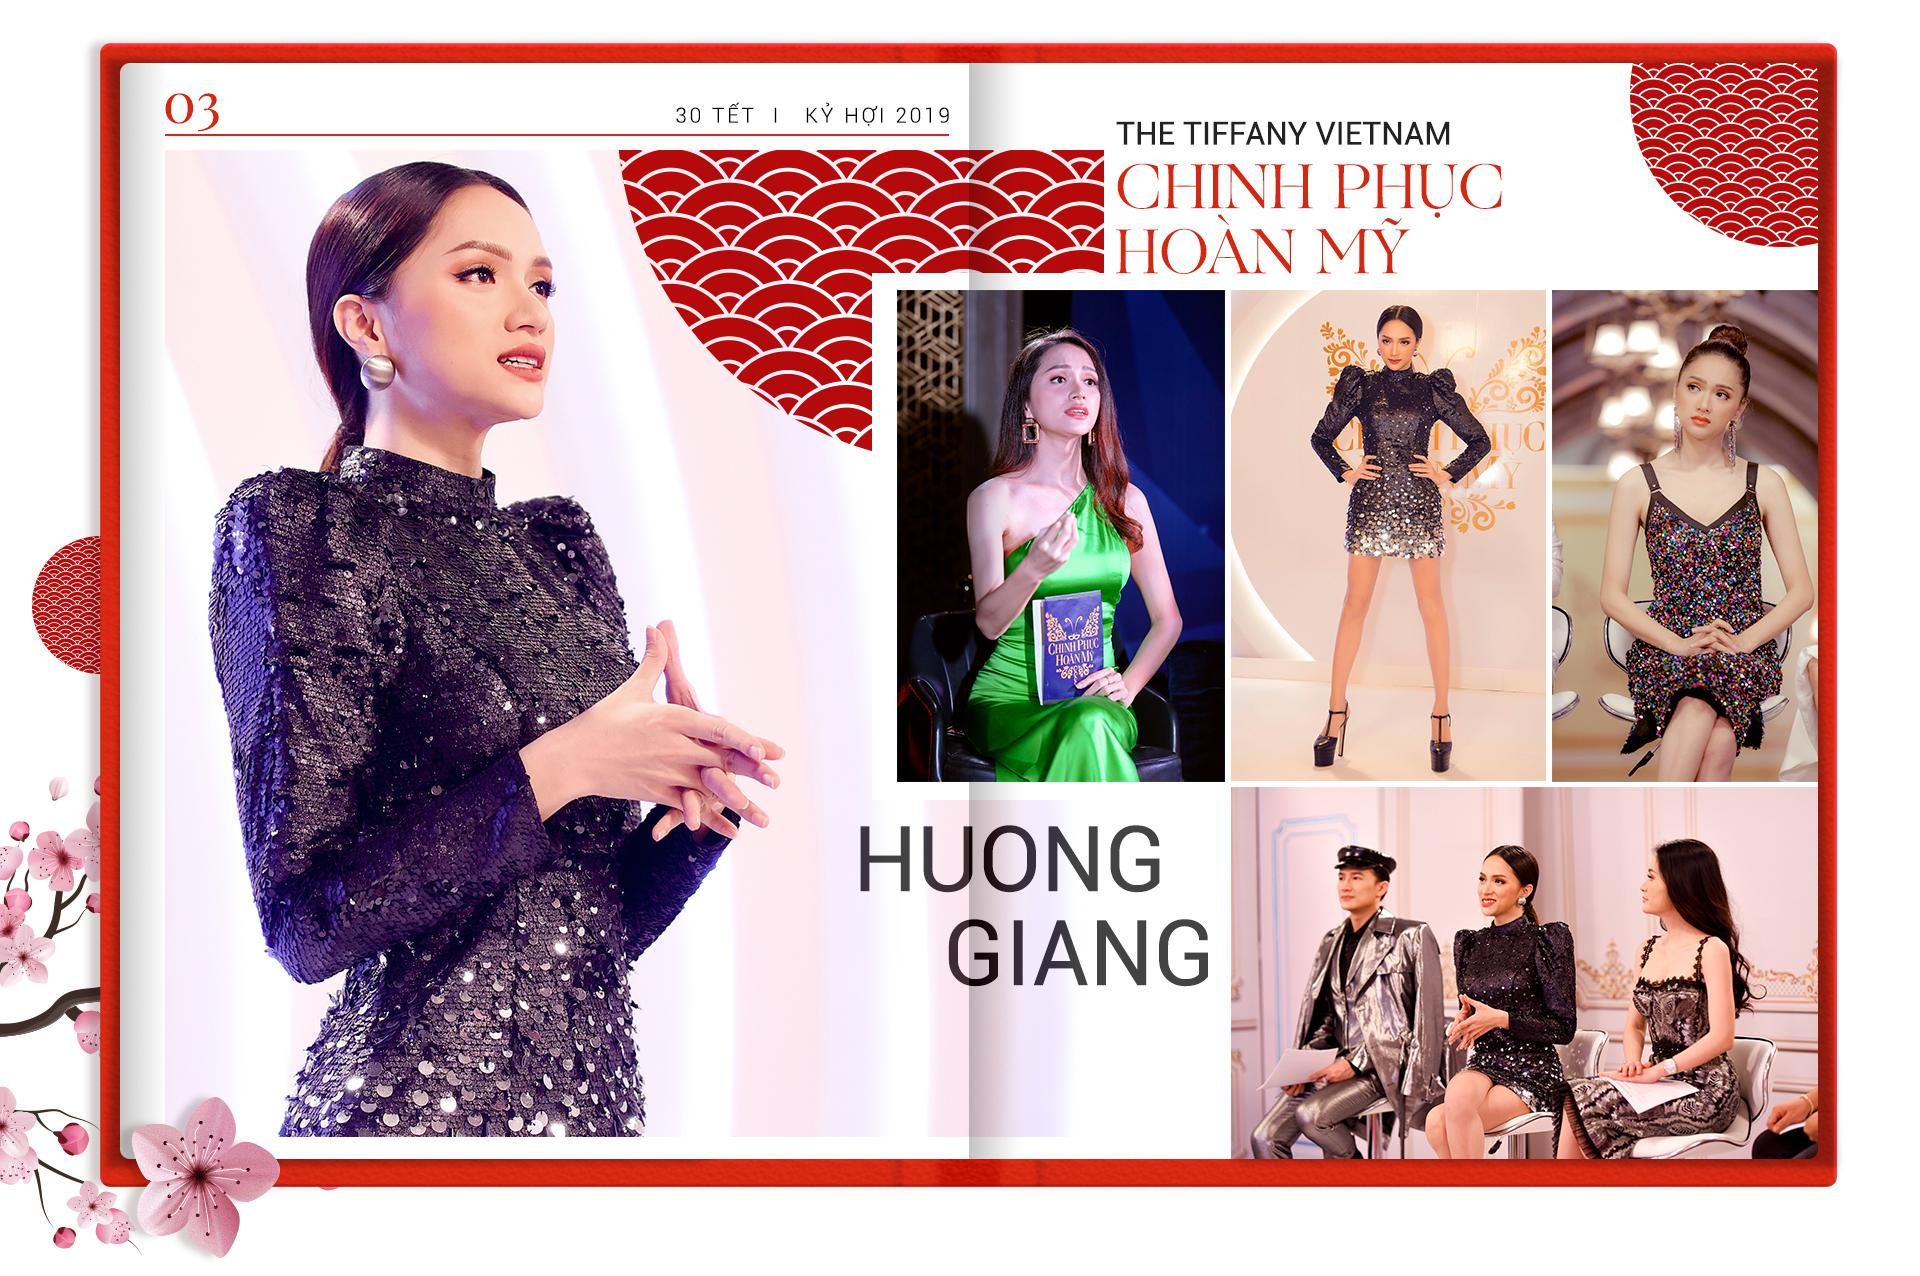 REDbook Tết Kỷ Hợi - Ngôi sao 30 Tết: Hoa hậu Hương Giang